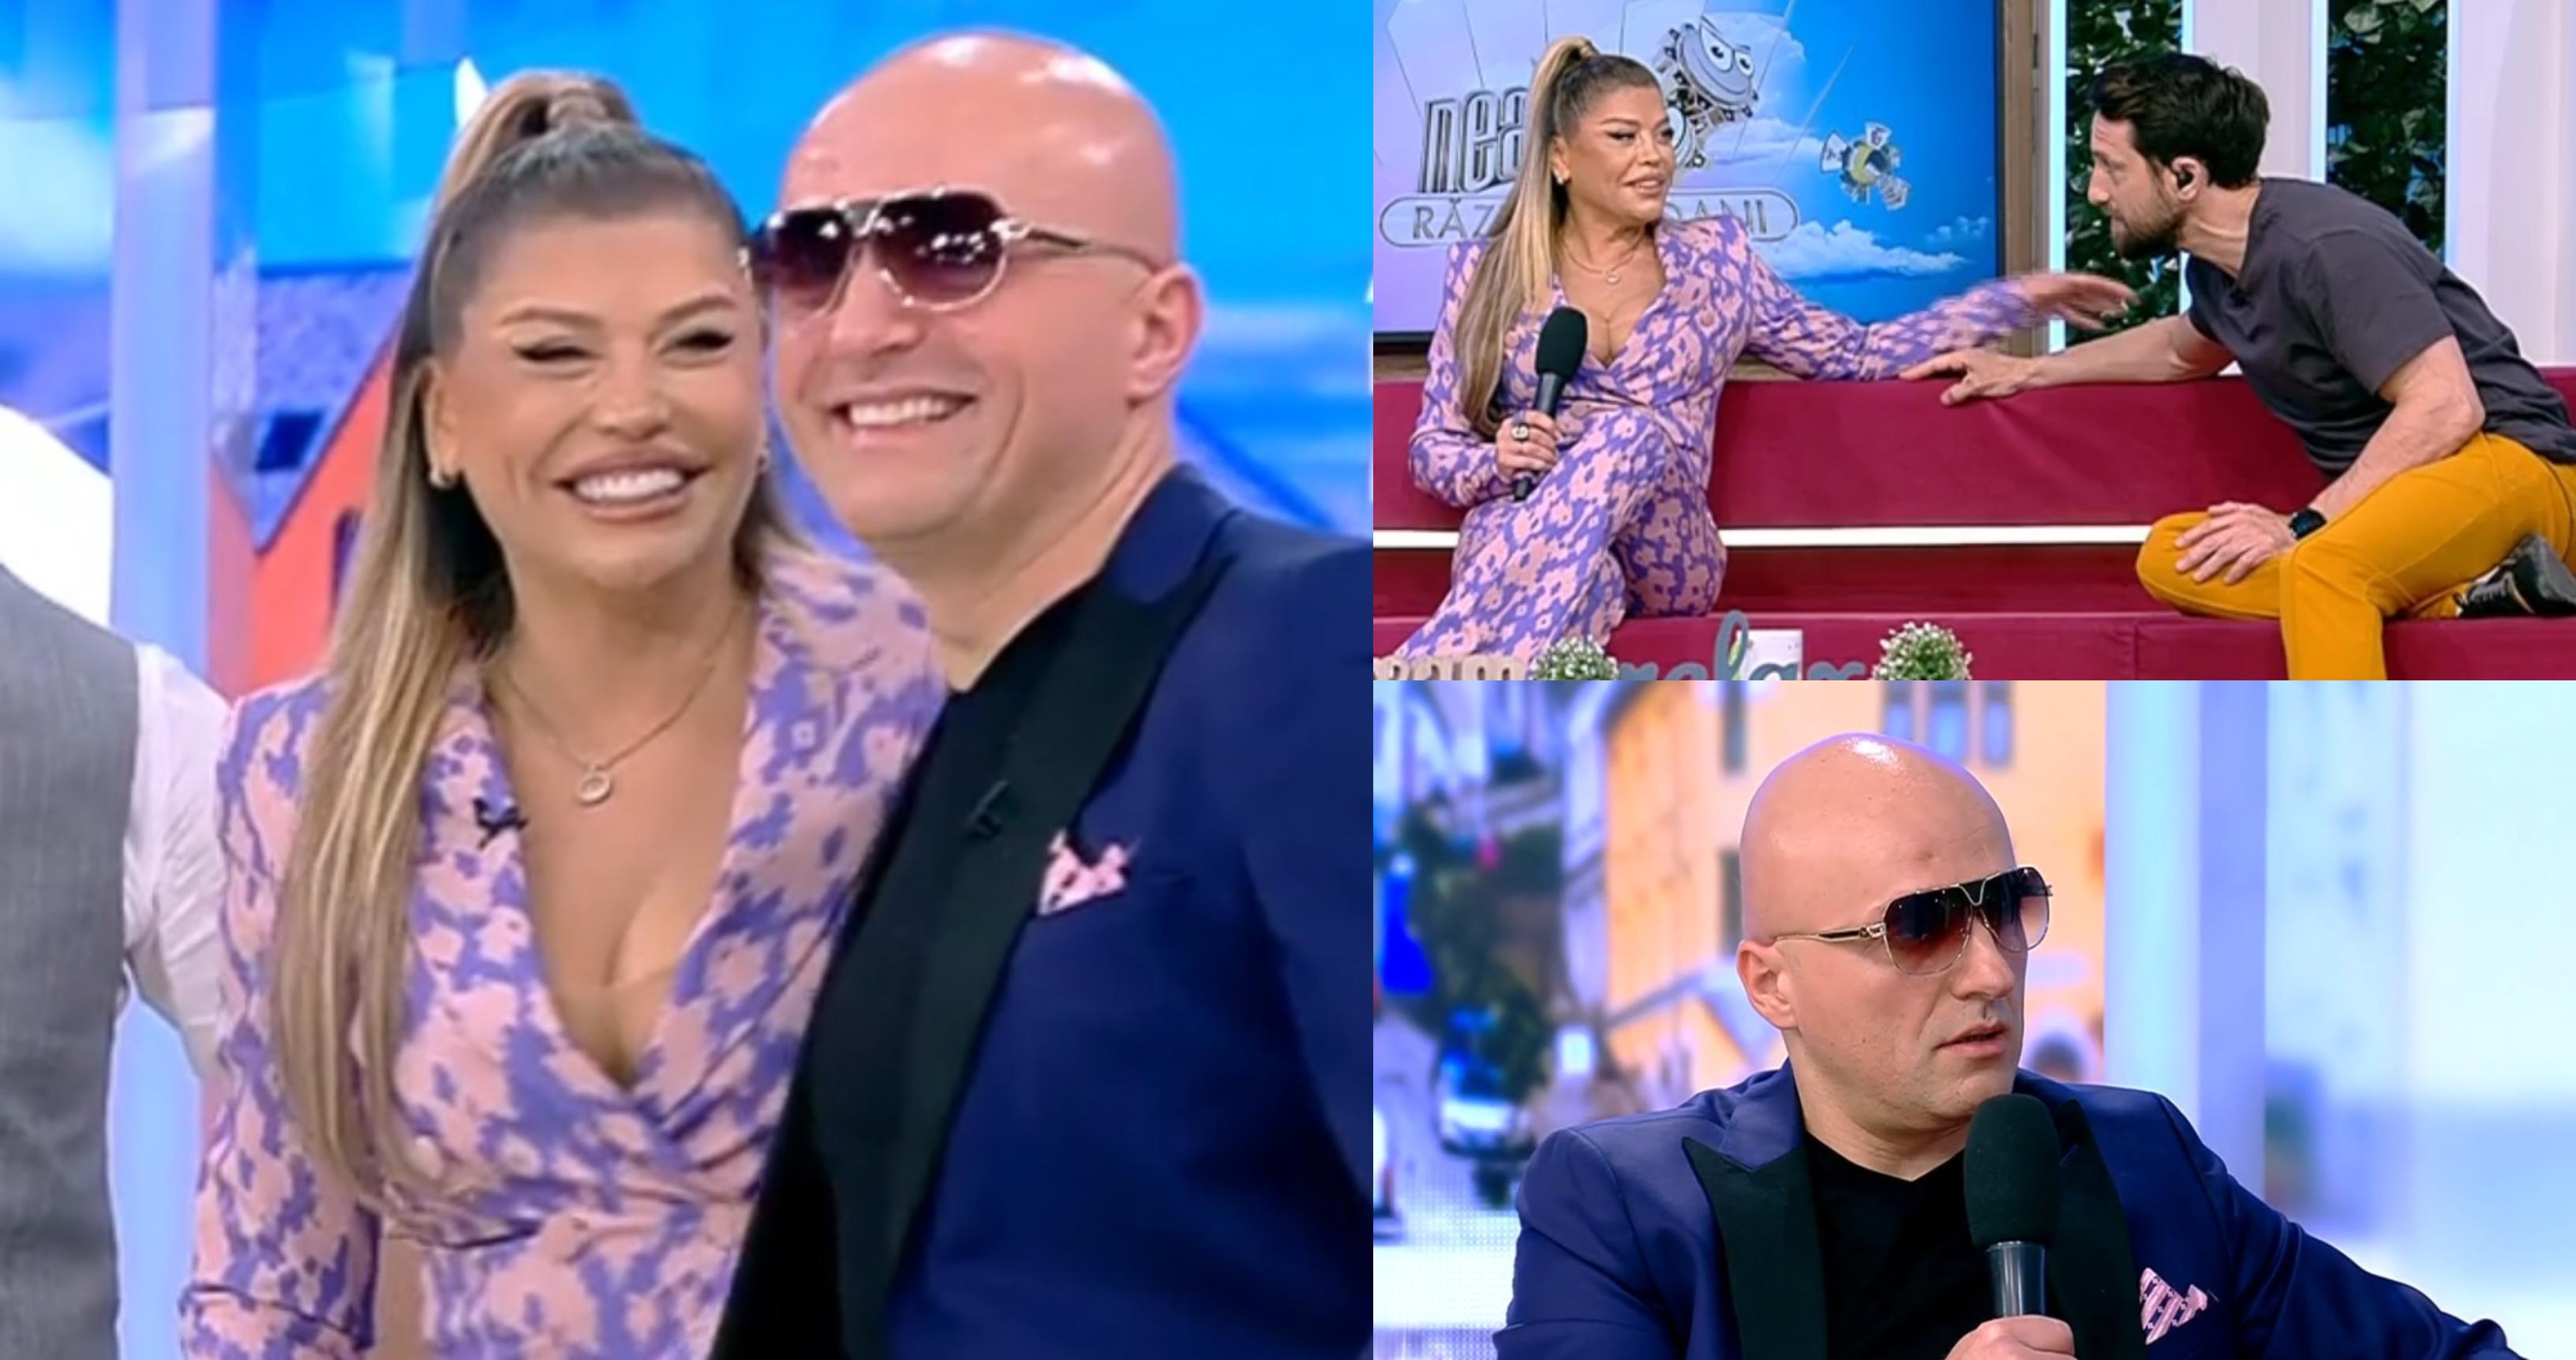 """Cum a reacționat Loredana când Costi Ioniță i-a propus colaborarea cu 11 maneliști în piesa """"Fericire"""": Asta înseamnă să fii divă"""